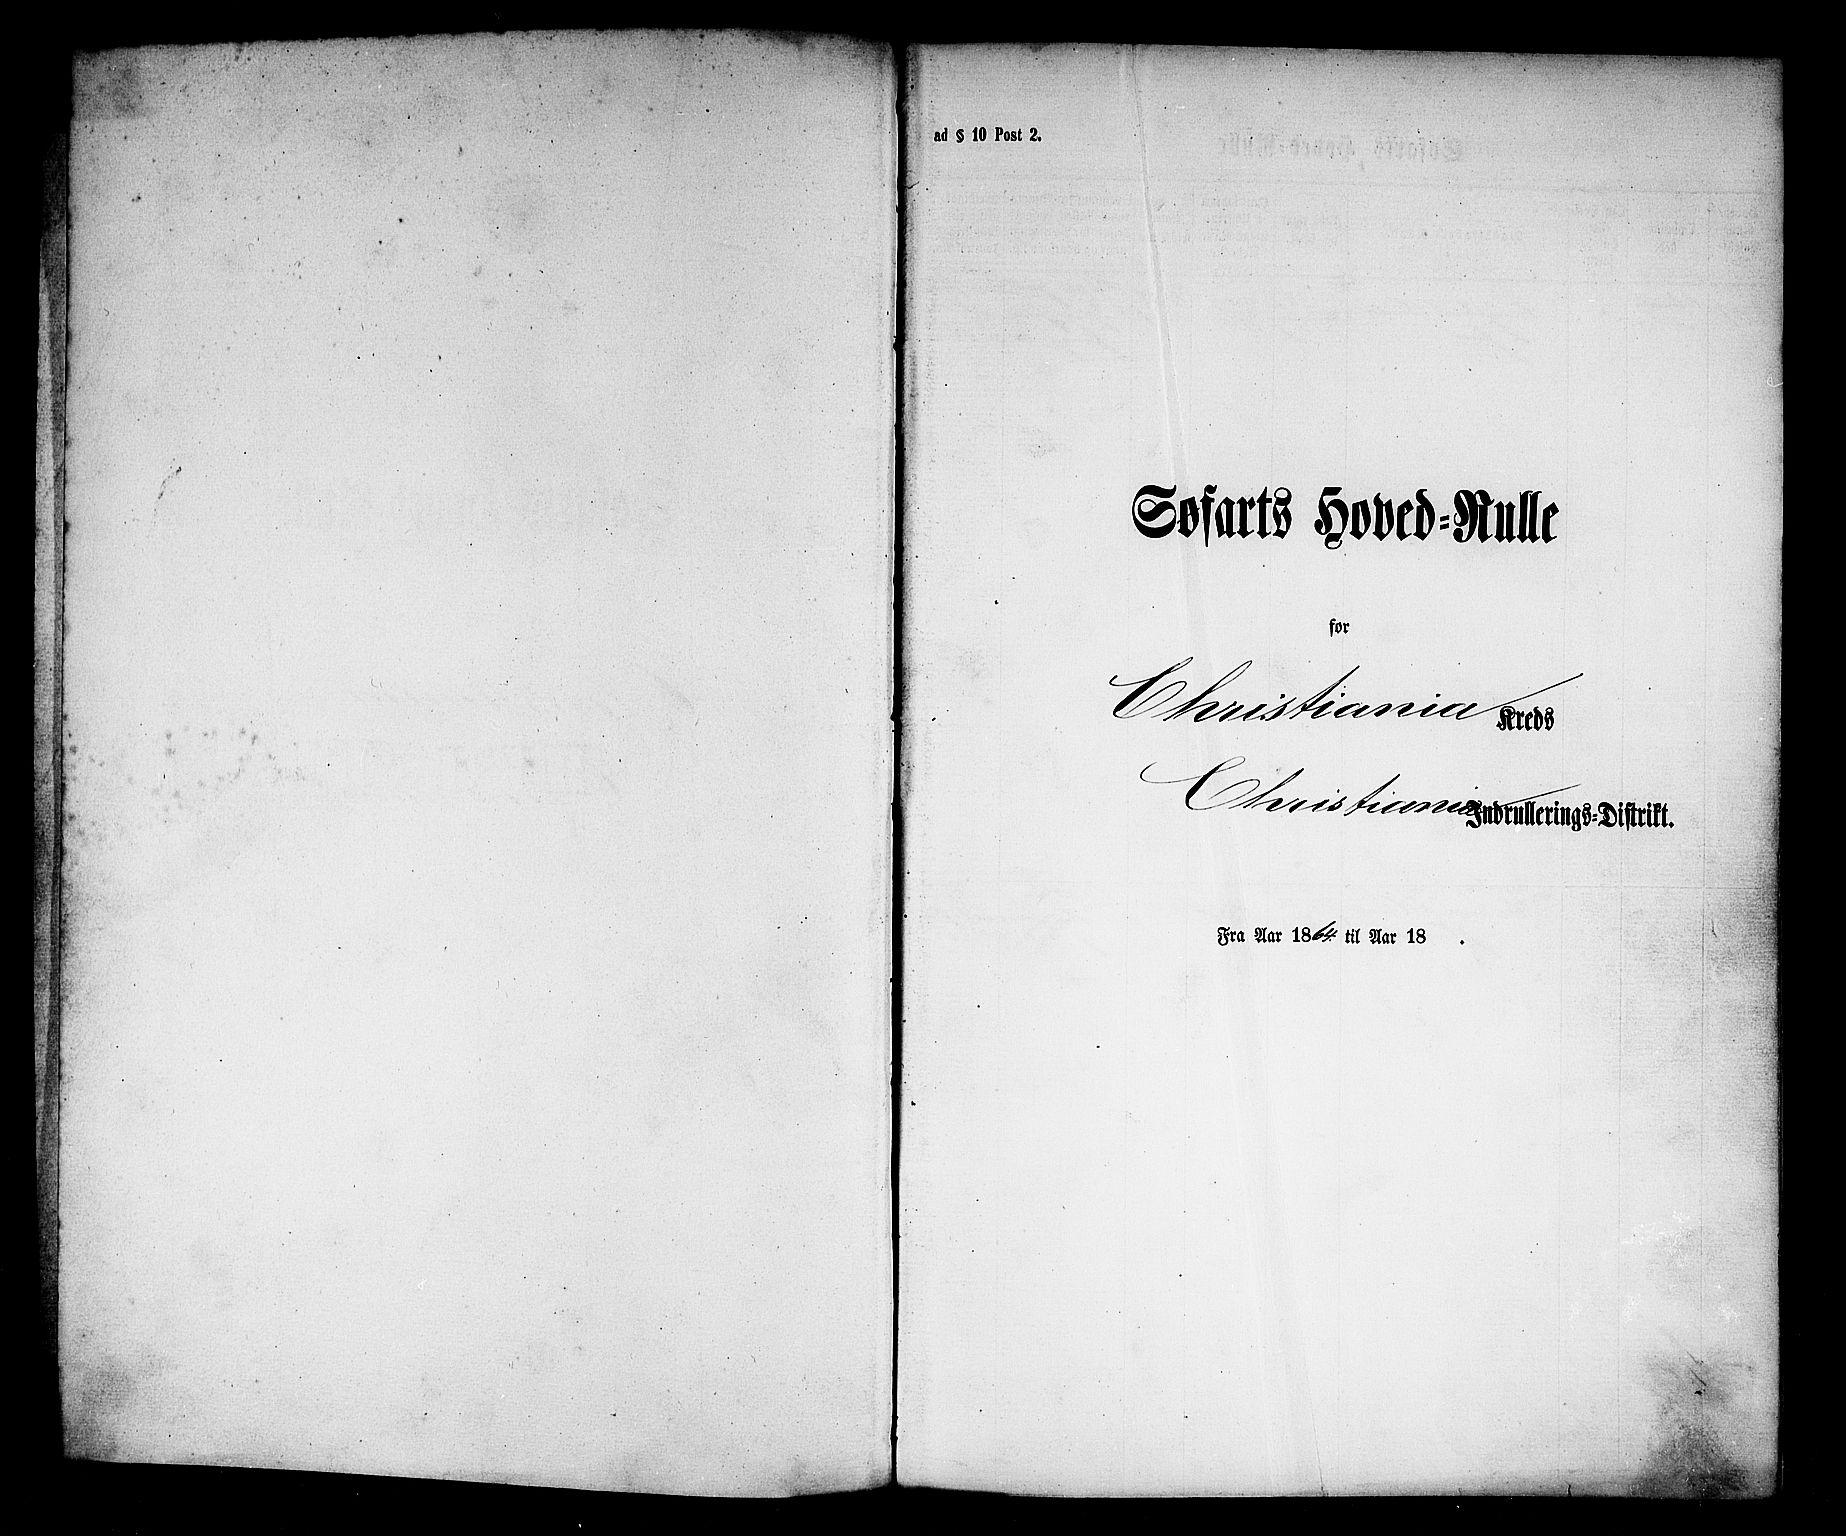 SAO, Oslo mønstringskontor, F/Fc/Fcb/L0002: Hovedrulle, 1864, s. upaginert